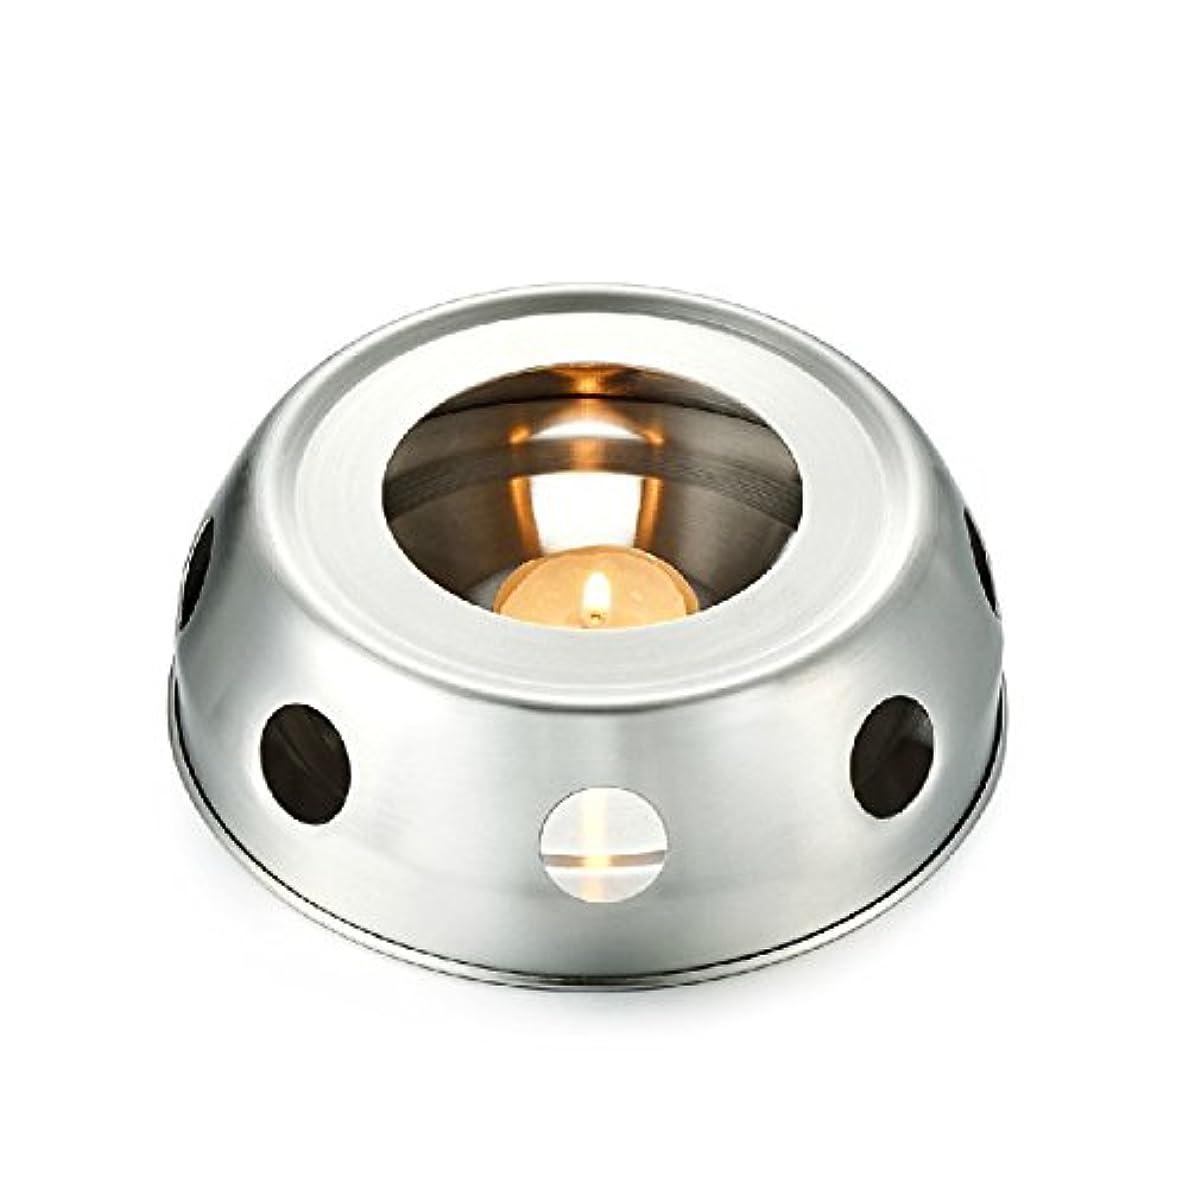 デコードするごめんなさい電気のfunnytoday365 Teaヒーター暖房のティーポットincenseplate Essencial OilステンレススチールFurnace Candleヒーターストーブ